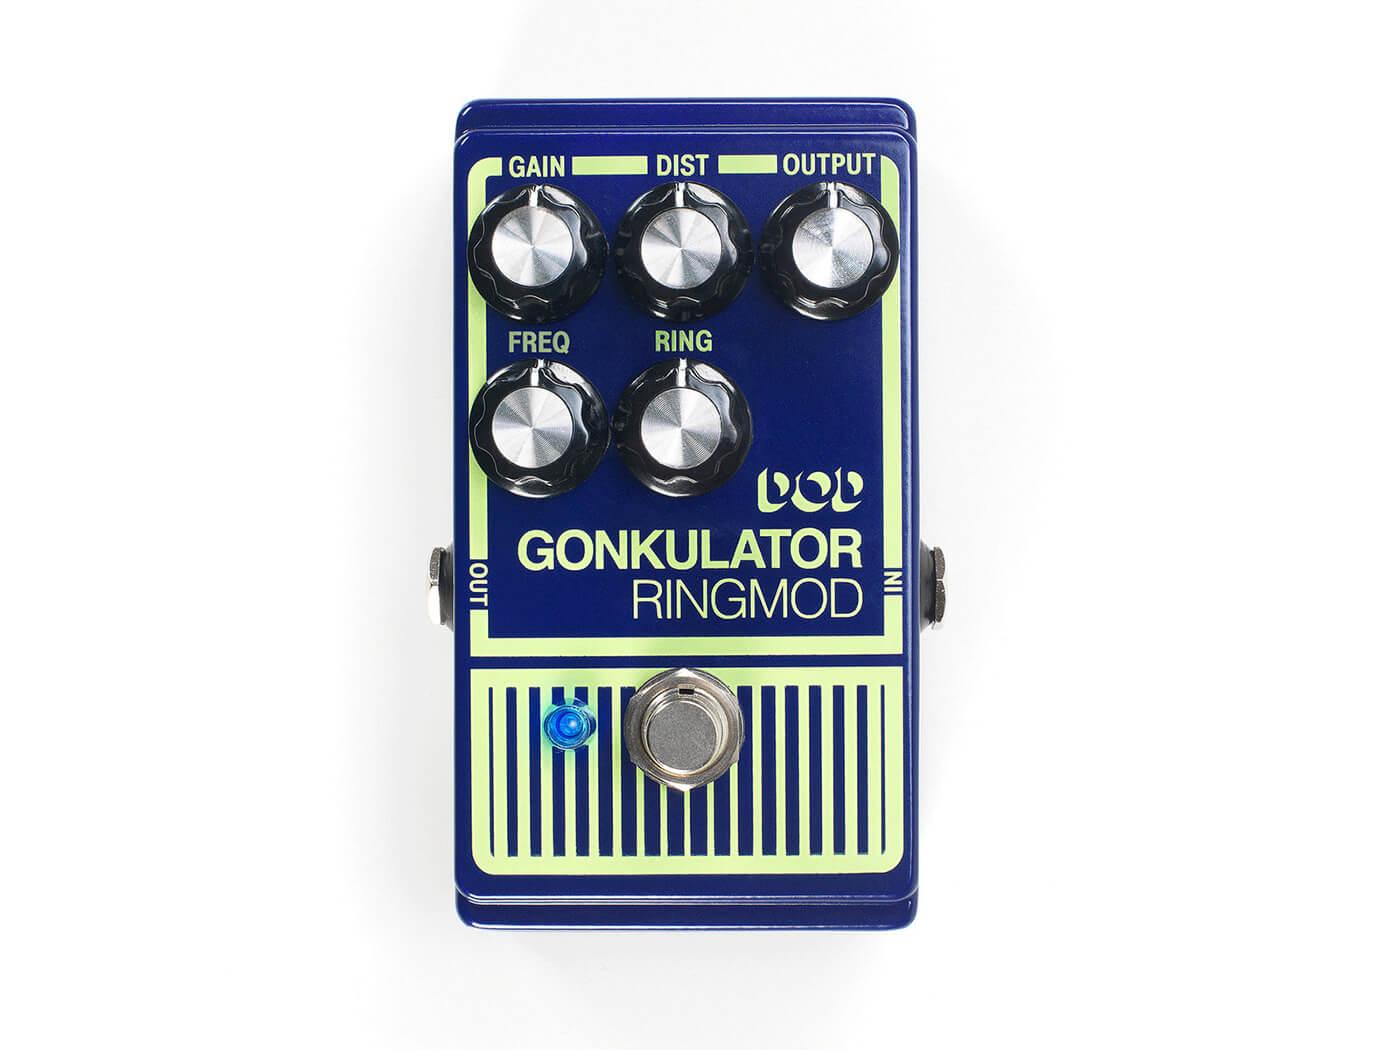 The DOD Gonkulator